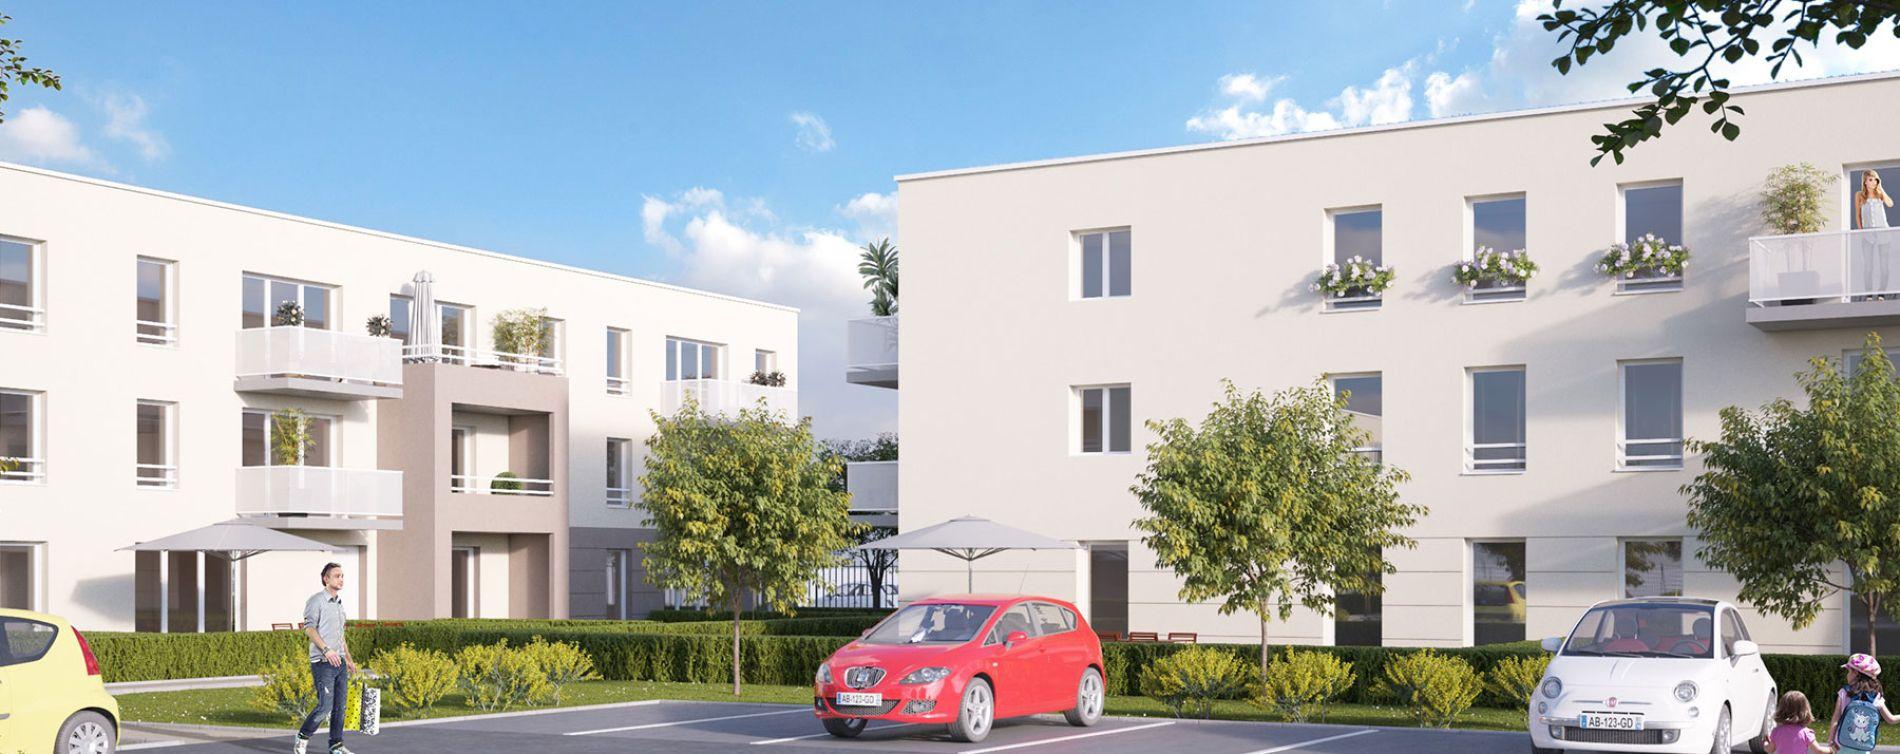 Canteleu : programme immobilier neuve « Belamii » (3)